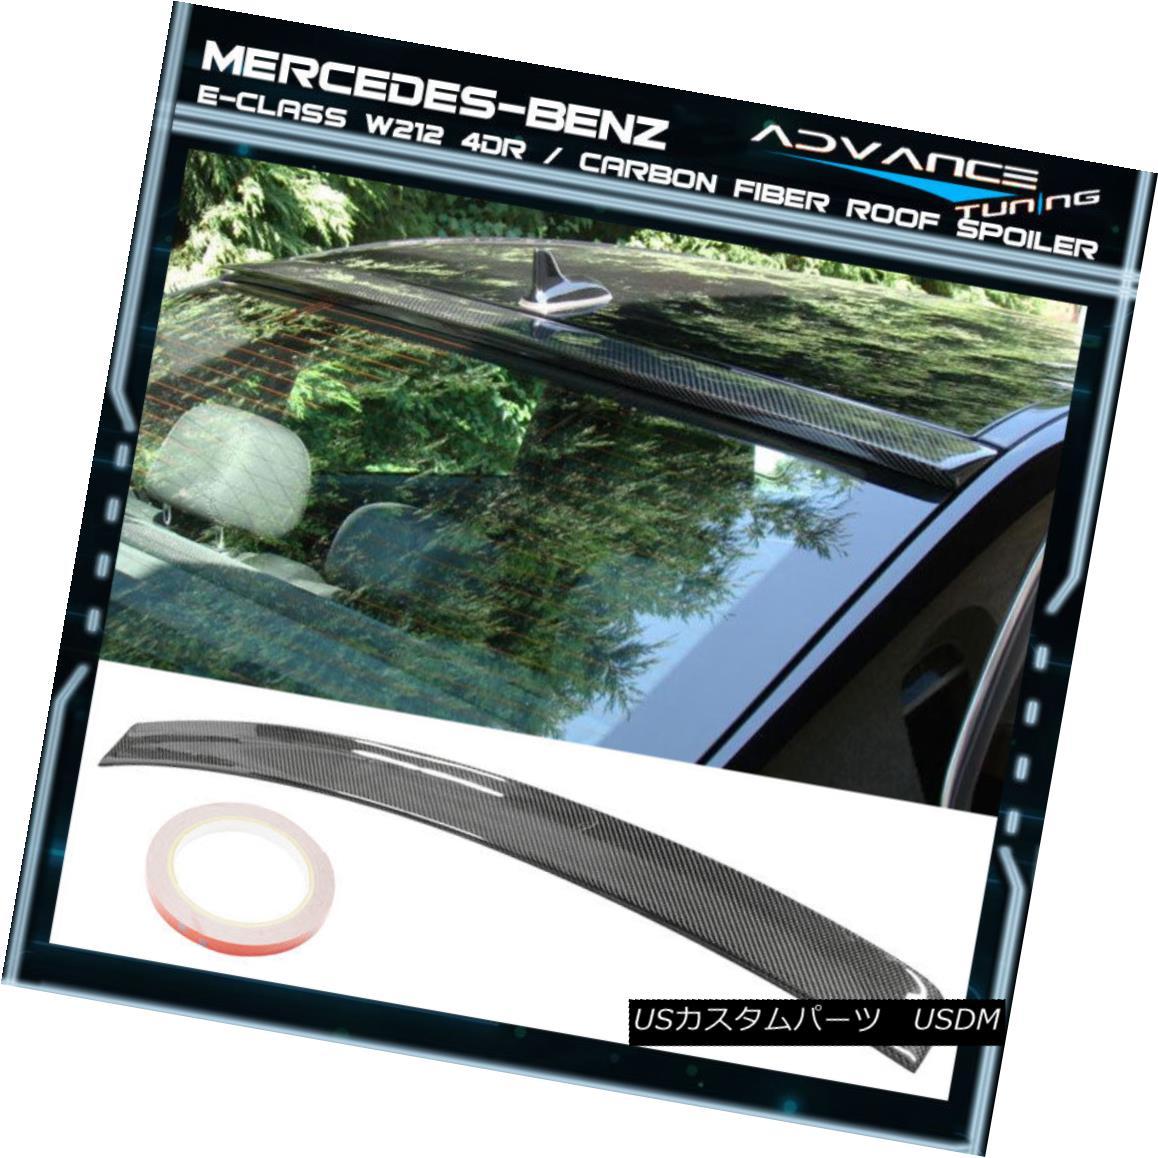 エアロパーツ 10-16 Benz E-Class W212 4Dr OE Style Rear Roof Spoiler Carbon Fiber CF 10-16ベンツEクラスW212 4Dr OEスタイルリアルーフスポイラーカーボンファイバーCF